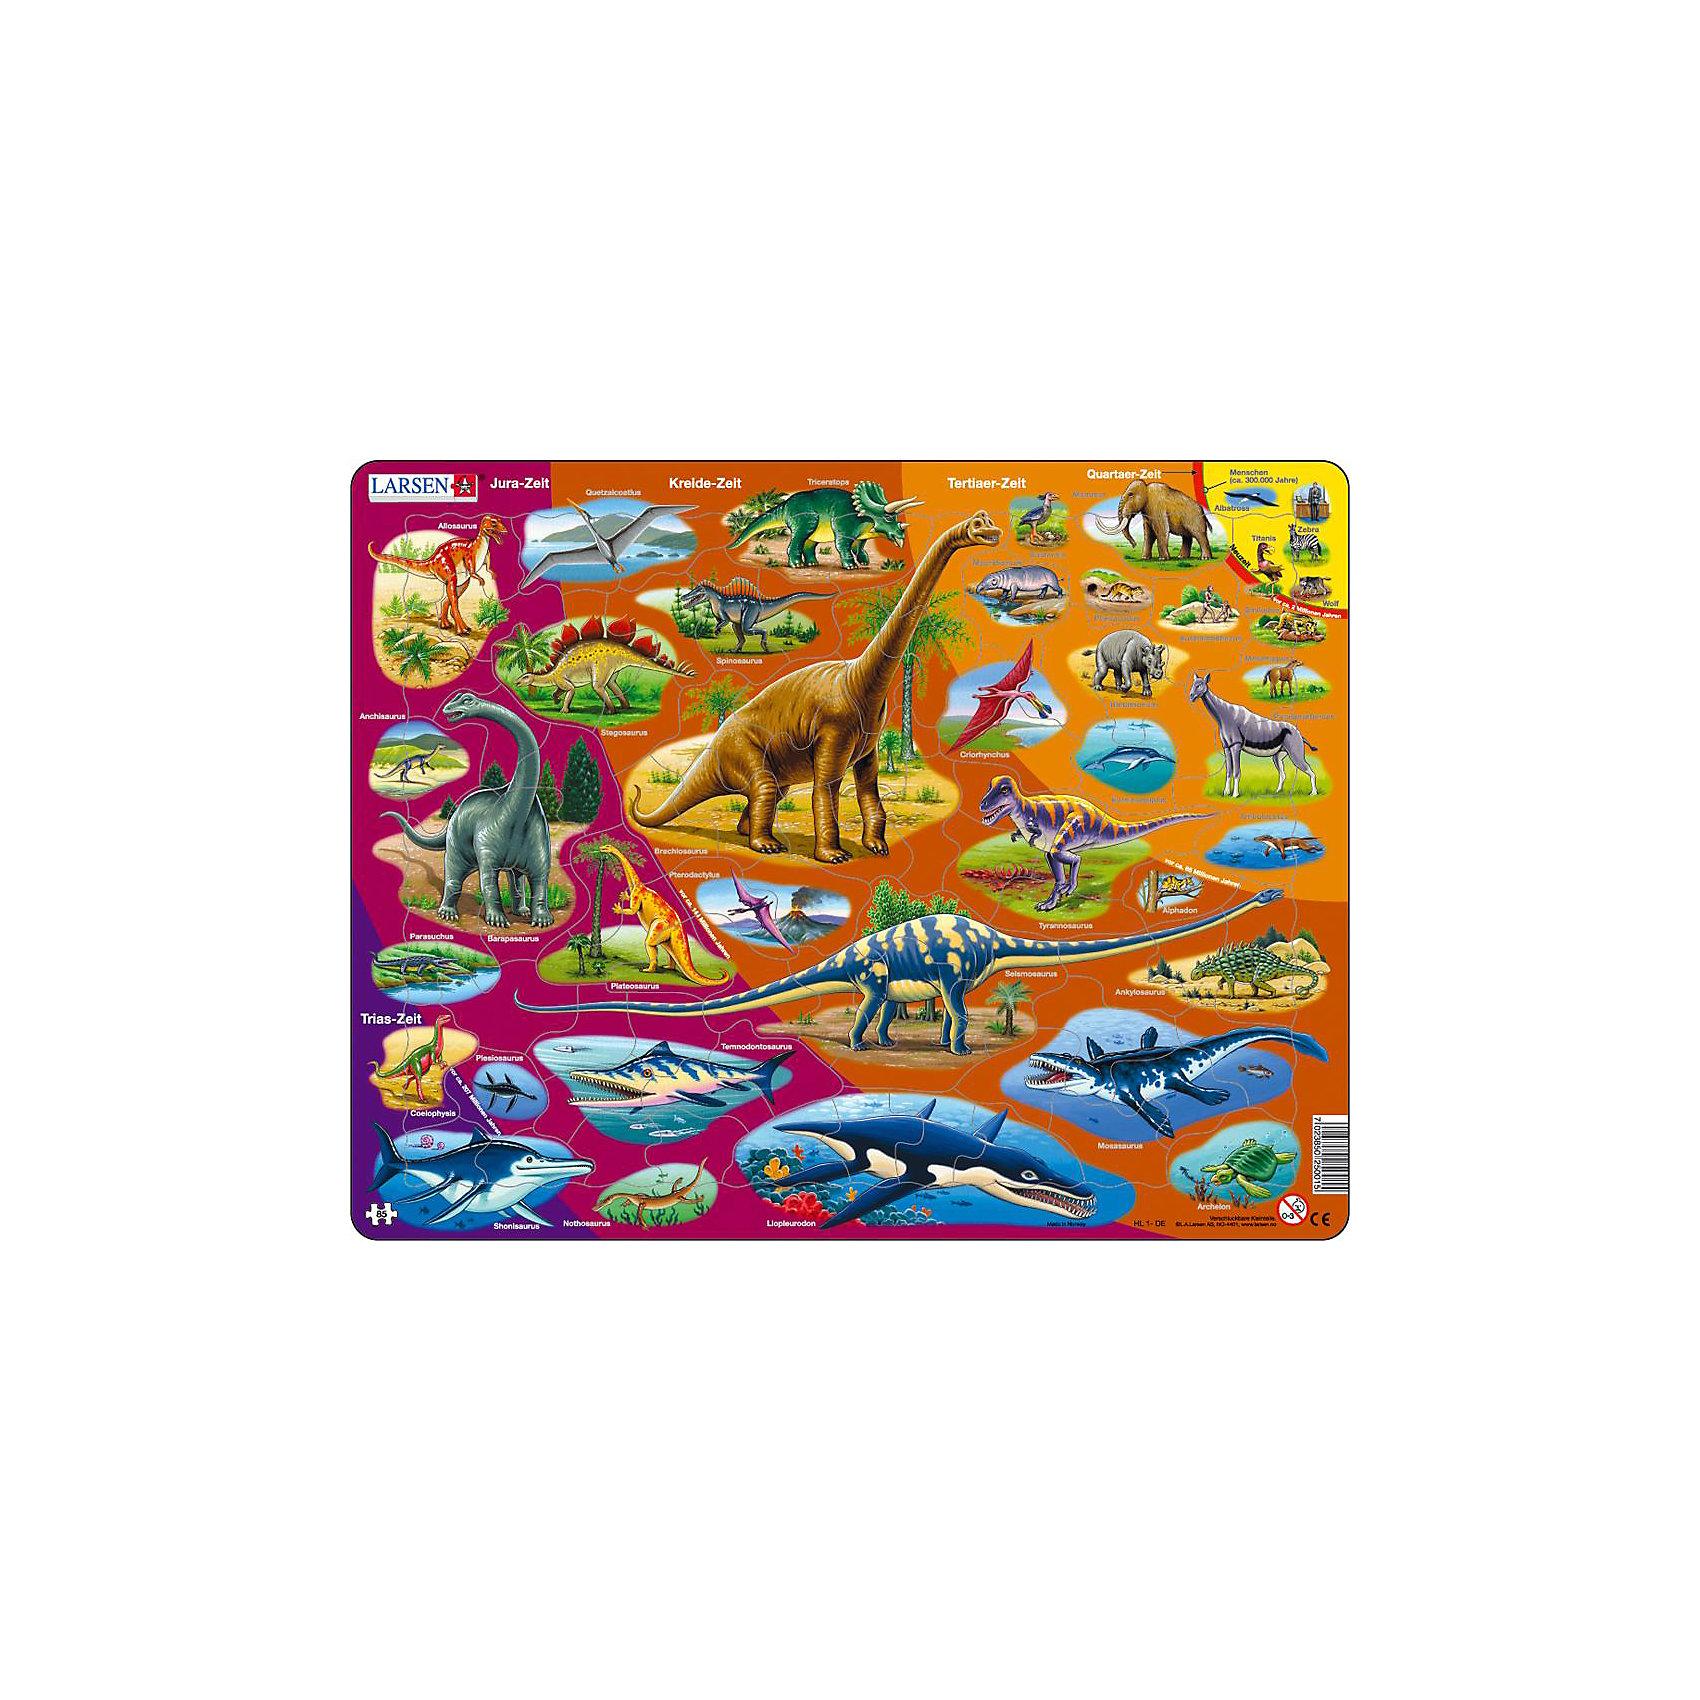 Пазл Динозавры, 85 деталей, LarsenКлассические пазлы<br>Пазл Динозавры, 85 деталей, Larsen (Ларсен) представляет собой настоящее учебное пособие, дающее возможность проследить эволюцию животного мира Земли в хронологическом порядке, начиная с триасового периода до антропогена и наших дней. Каждый период отличается цветом фона (от фиолетового до желтого) и подписан русскими буквами. Малыш познакомится с динозаврами и вымершими рептилиями, а также некоторыми современными животными. Названия всех млекопитающих подписаны на русском языке. Яркое, детальное и красочное изображение самых разных млекопитающих позволит малышу в игровой форме познать теорию эволюции в терминах и картинках. Изготовлен пазл из плотного трехслойного картона, имеет специальную подложку и рамку, которые облегчают процесс сборки. Принцип сборки пазла заключается в использовании принципа совместимости изображений и контуров пазла. Если малыш не сможет совместить детали пазла по рисунку, он сделает это по контуру пазла, вставив его в подложку как вкладыш. Высокое качество материала и печати не допускают износа, расслаивания, деформации деталей и стирания рисунка. Многообразие форм и разные размеры деталей пазла развивают мелкую моторику пальцев. Занятия по сборке пазла развивают образное и логическое мышление, пространственное воображение, память, внимание, усидчивость, координацию движений.<br><br>Дополнительная информация:<br><br>- Количество элементов: 85 деталей<br>- Материал: плотный трехслойный картон<br>- Размер пазла: 36,5 x 28,5 см.<br><br>Пазл Динозавры, 85 деталей, Larsen (Ларсен) можно купить в нашем интернет-магазине.<br><br>Ширина мм: 365<br>Глубина мм: 286<br>Высота мм: 7<br>Вес г: 317<br>Возраст от месяцев: 60<br>Возраст до месяцев: 84<br>Пол: Мужской<br>Возраст: Детский<br>Количество деталей: 85<br>SKU: 1604373